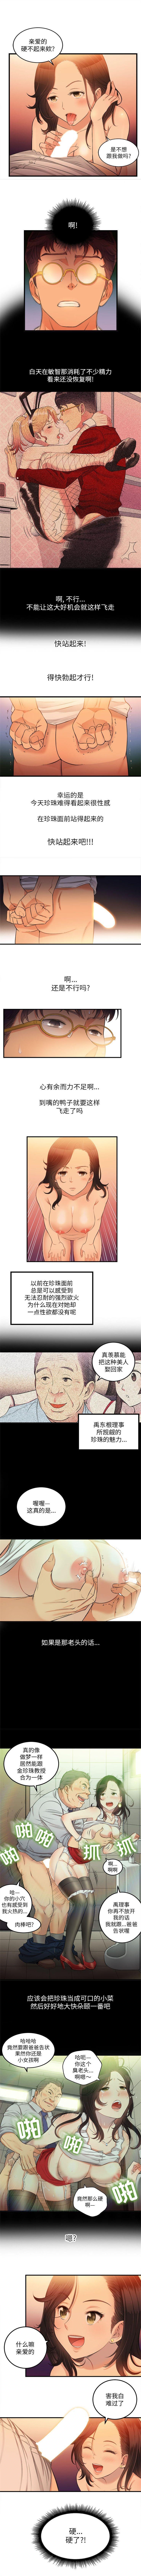 由莉的秘密1-60 中文翻译 (更新中) 59